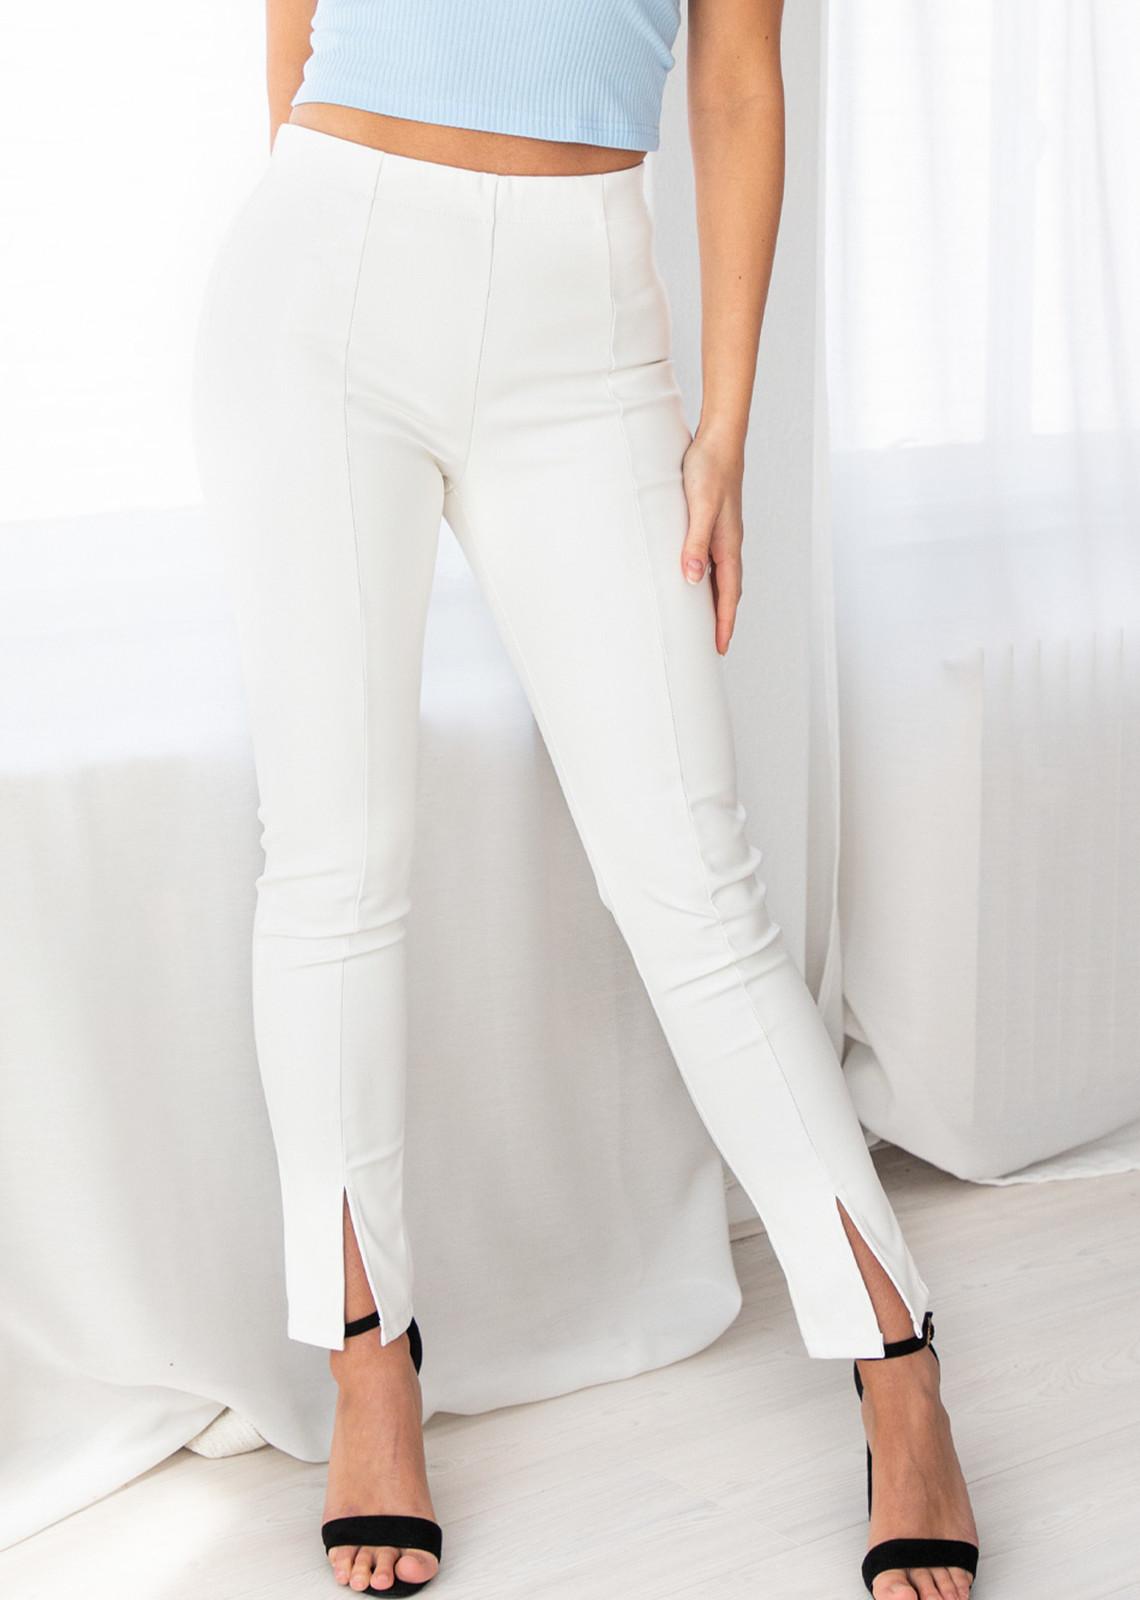 Legging broek Khloe wit